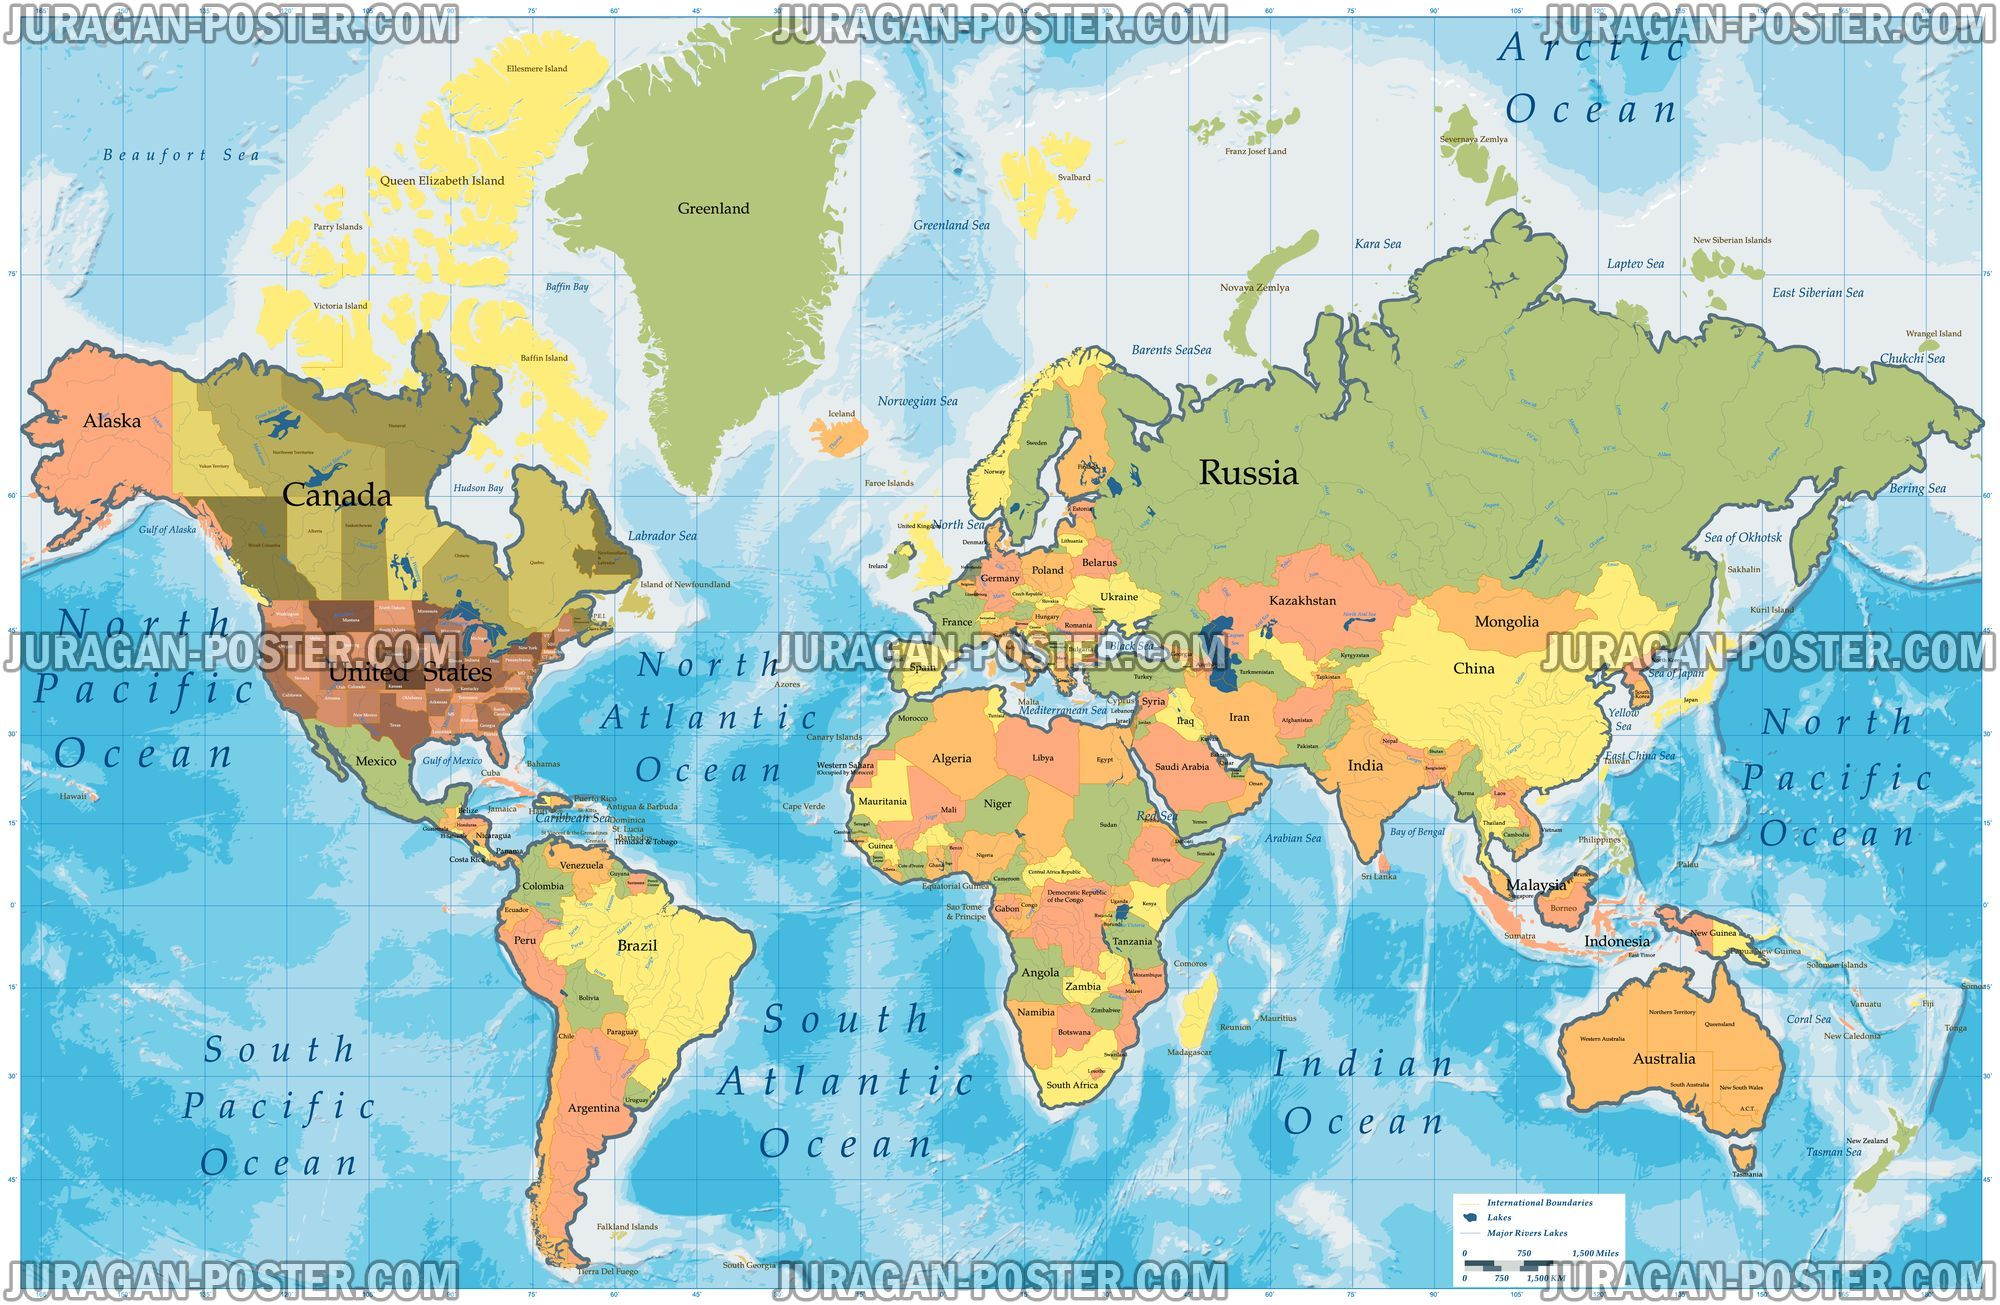 Jual peta dunia ukuran besar info lebih lanjut klik pada gambar jual peta dunia ukuran besar info lebih lanjut klik pada gambar jual peta dunia ukuran besar jual peta dunia jual peta indonesia jual peta dunia gumiabroncs Image collections